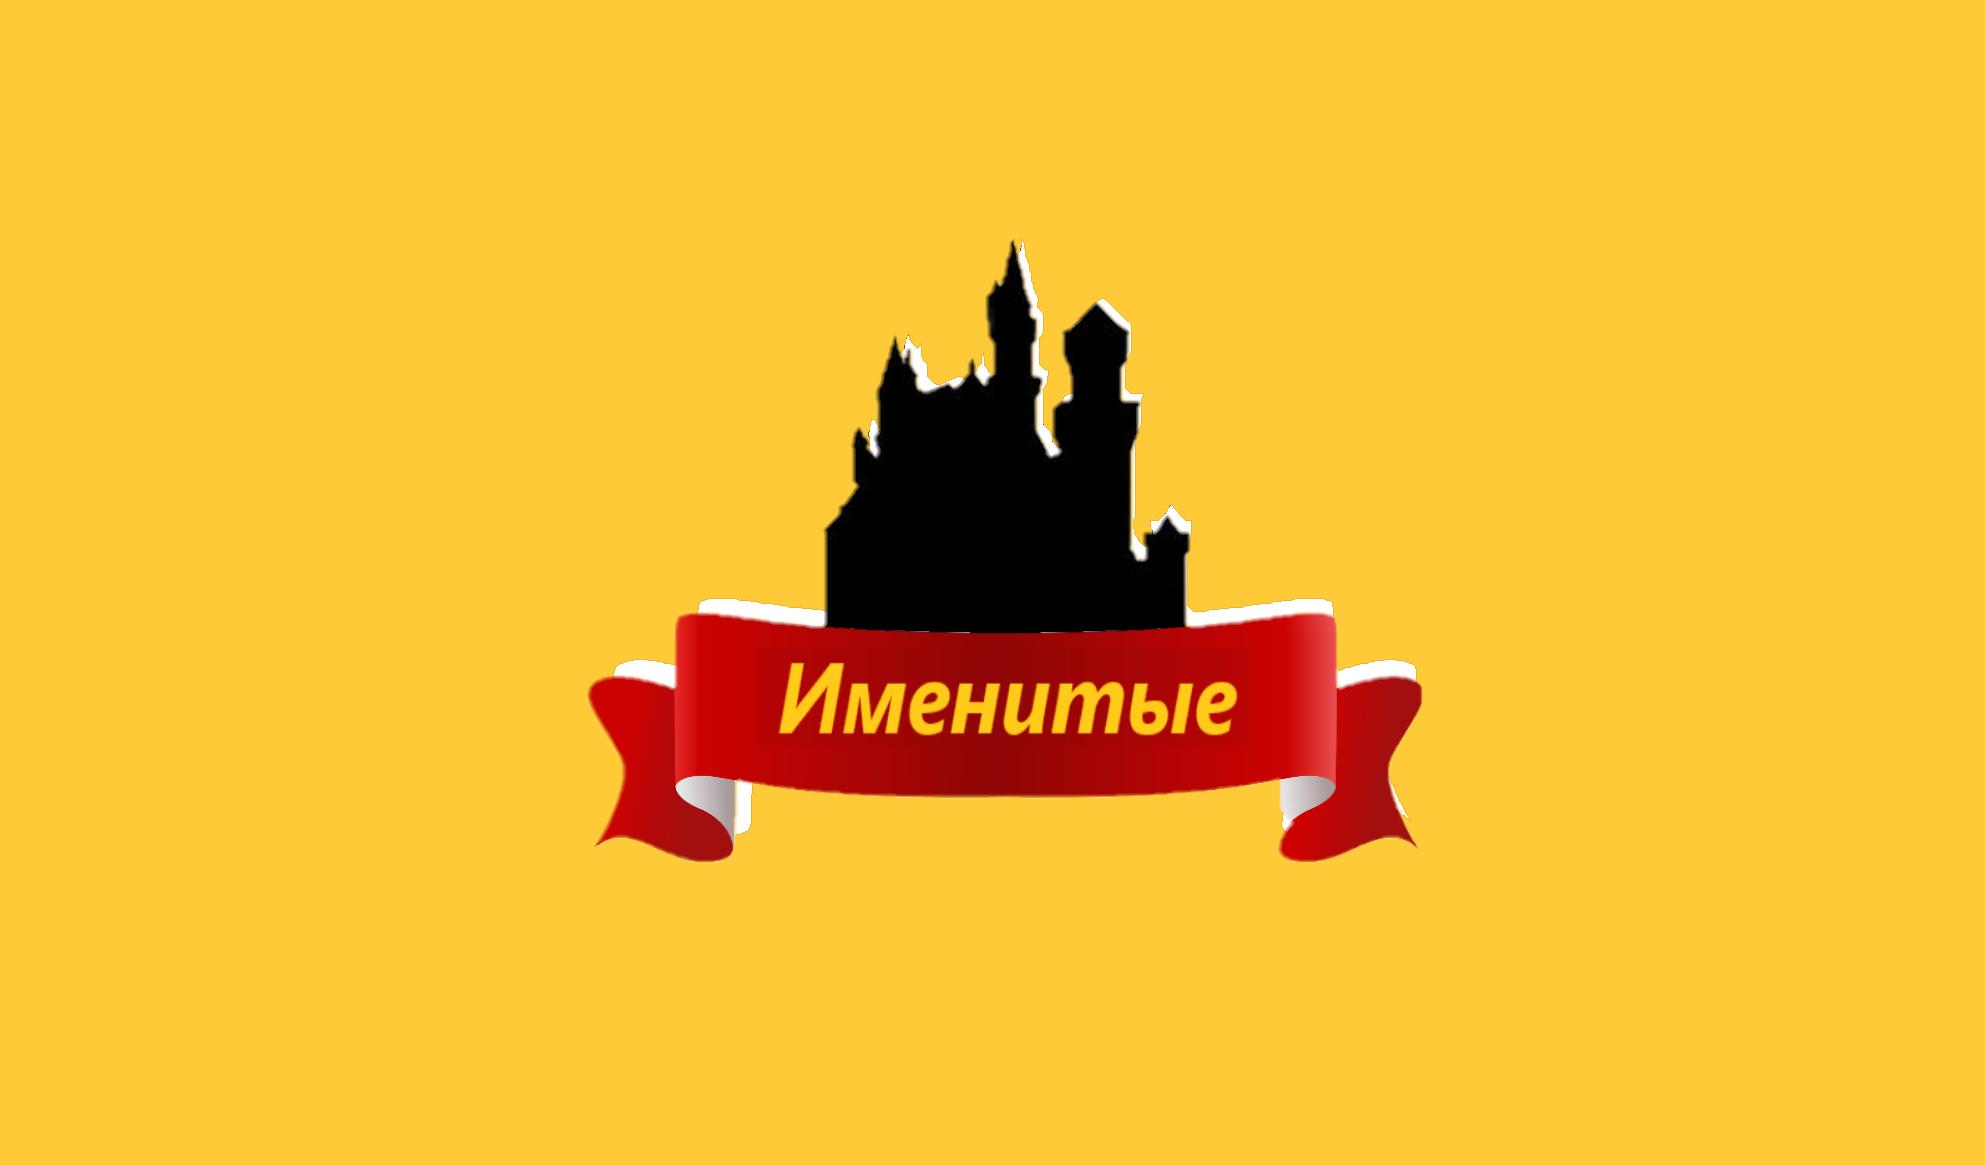 Логотип и фирменный стиль продуктов питания фото f_4895bb9e1b9ad296.png